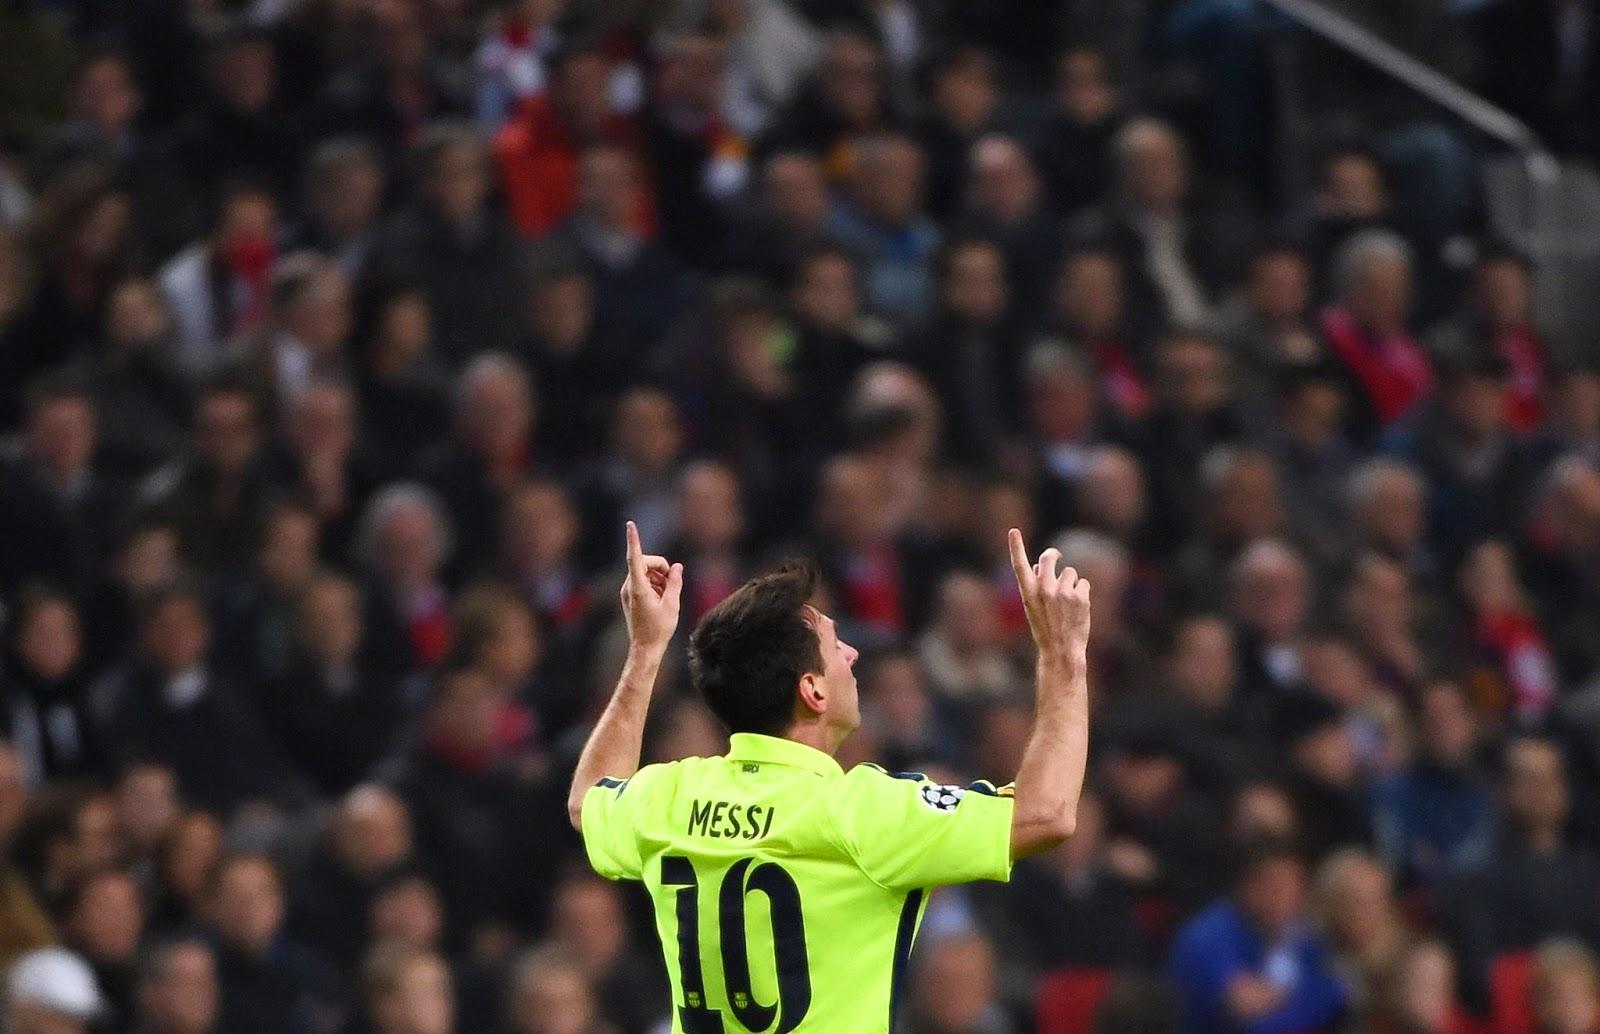 Foto Leo Messi (Barcellona)